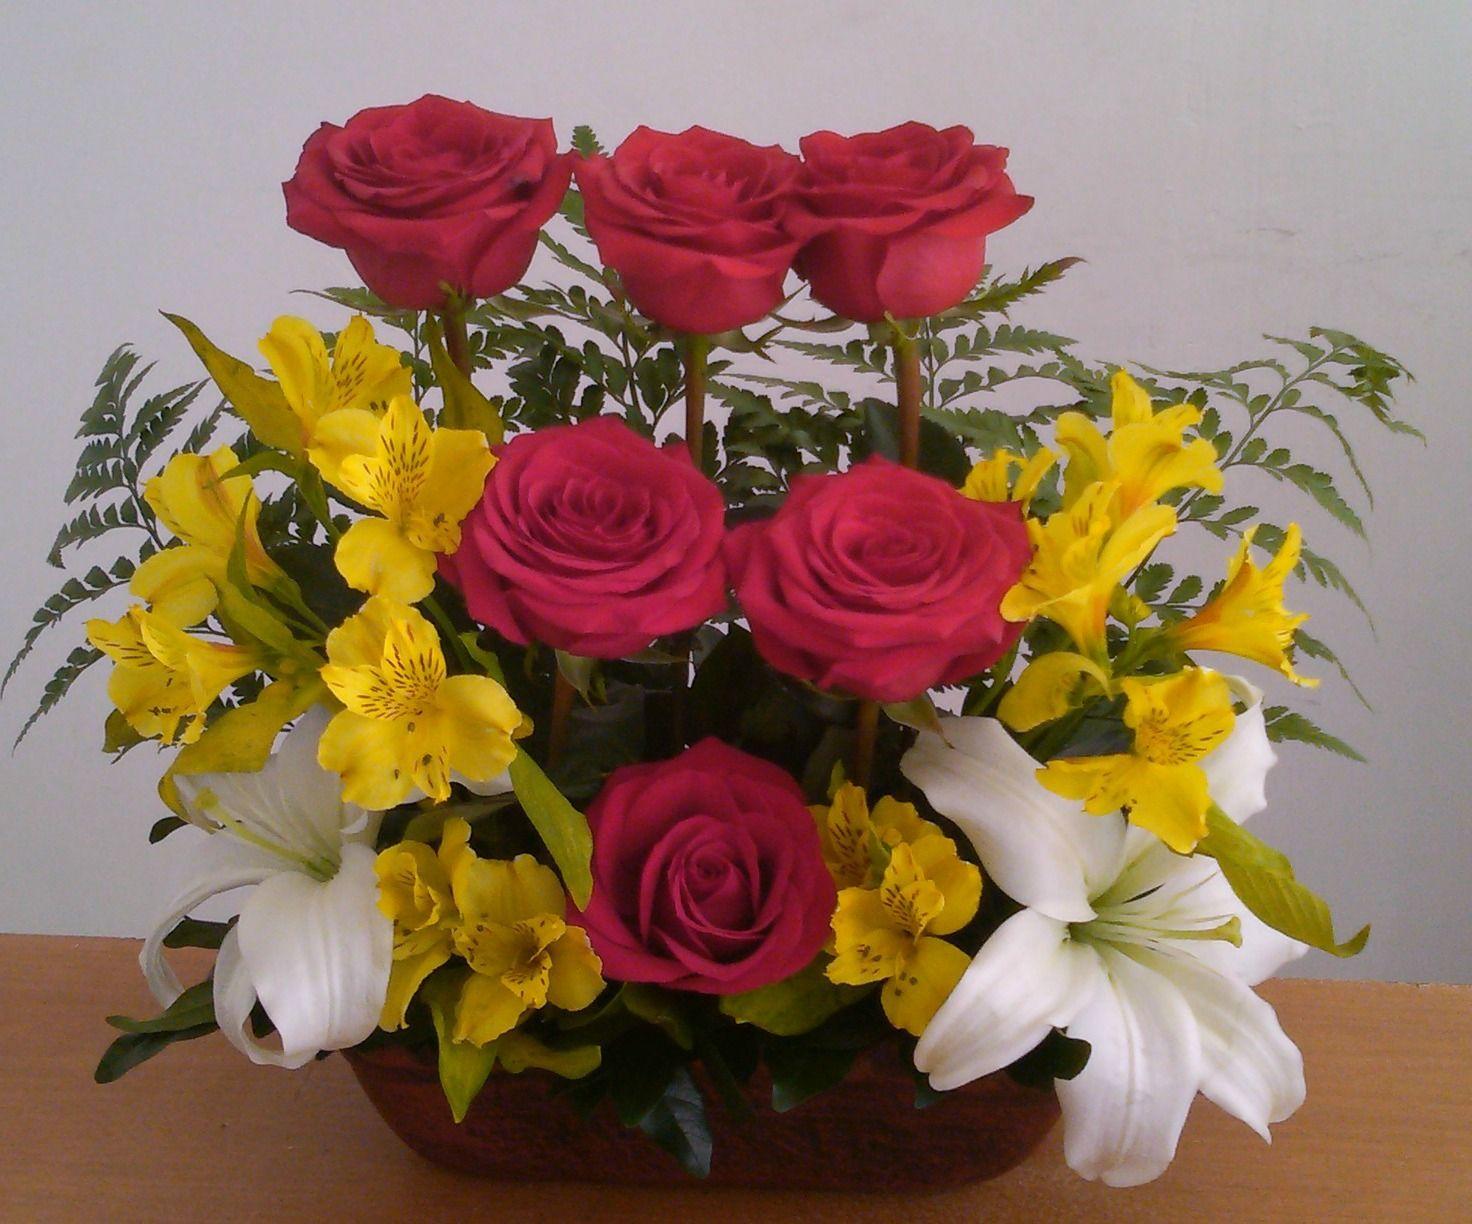 Arreglo Floral Con Rosas Lilis Y Astromelias Arreglo Floral Rosas